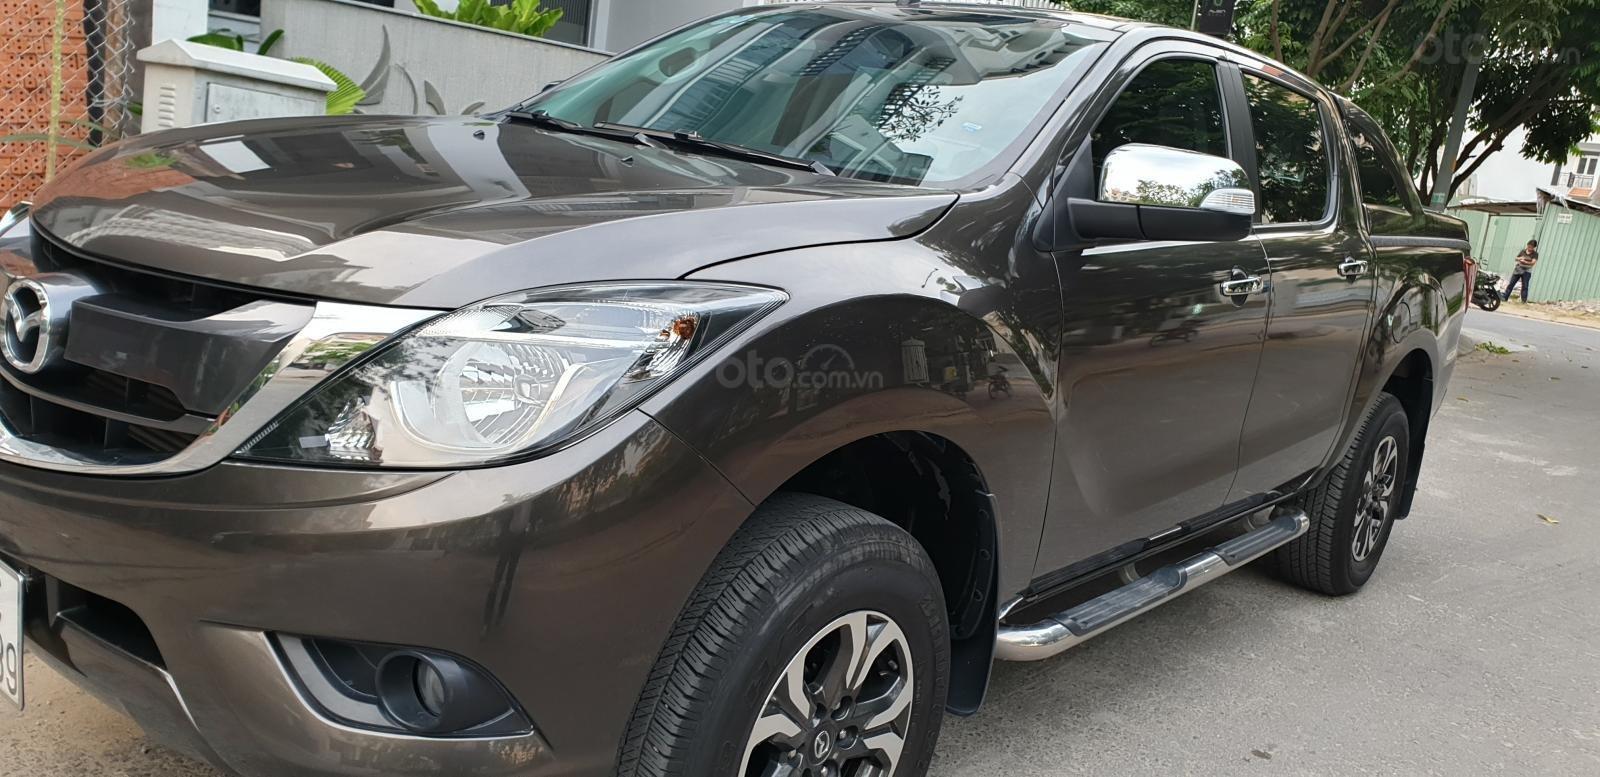 Bán Mazda BT 50 máy dầu, 2.2 số tự động, model 2018 đời T10/2017, màu nâu, nhập khẩu mới 95%-1